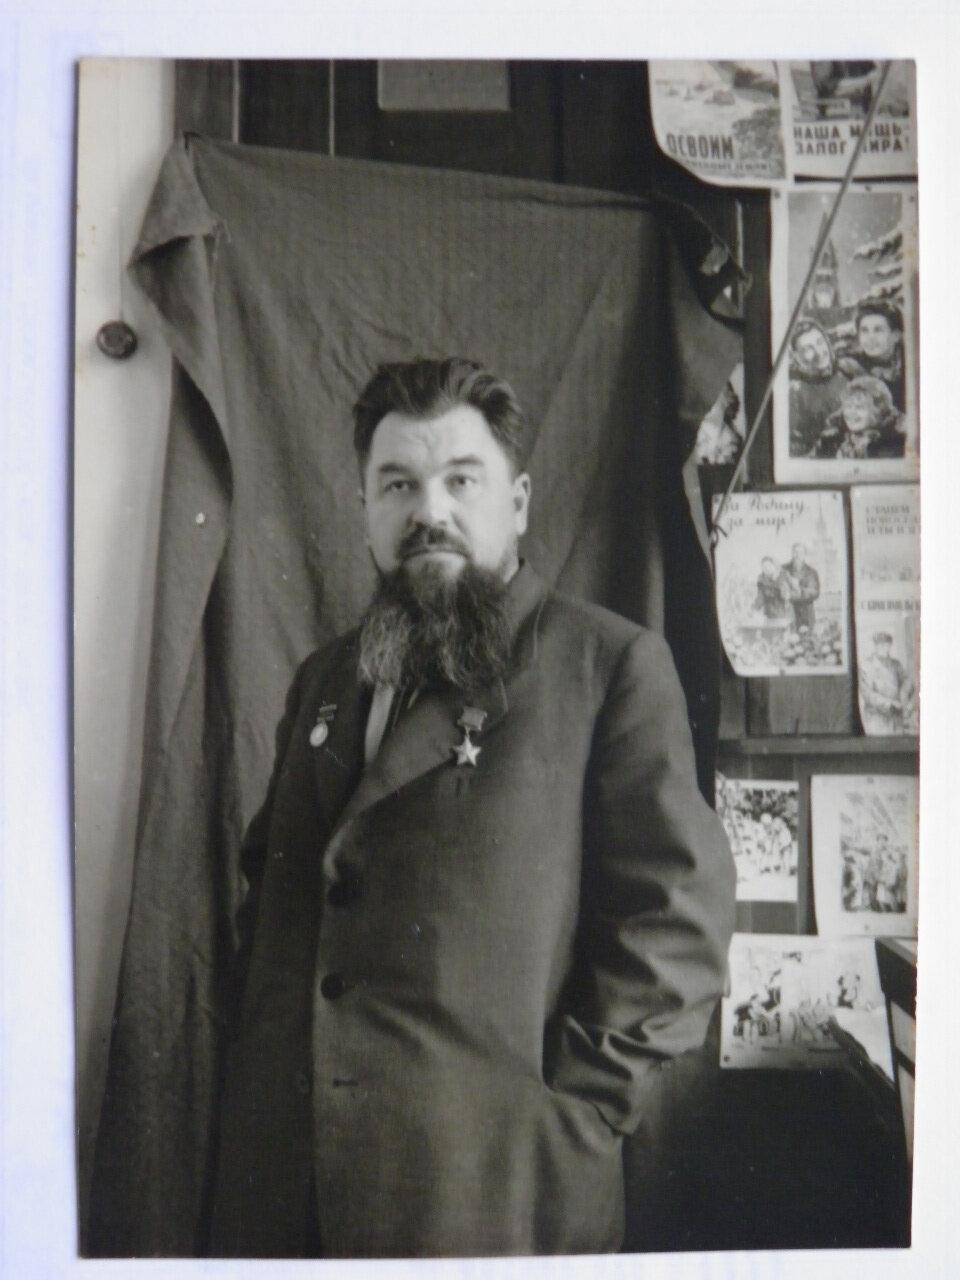 Пётр Петрович Вершигора (1905—1963), генерал-майор,заместитель командира по разведке партизанского соединения С. А. Ковпака, с декабря 1943 — командир соединения, которое было переименовано в Первую Украинскую партизанскую дивизию